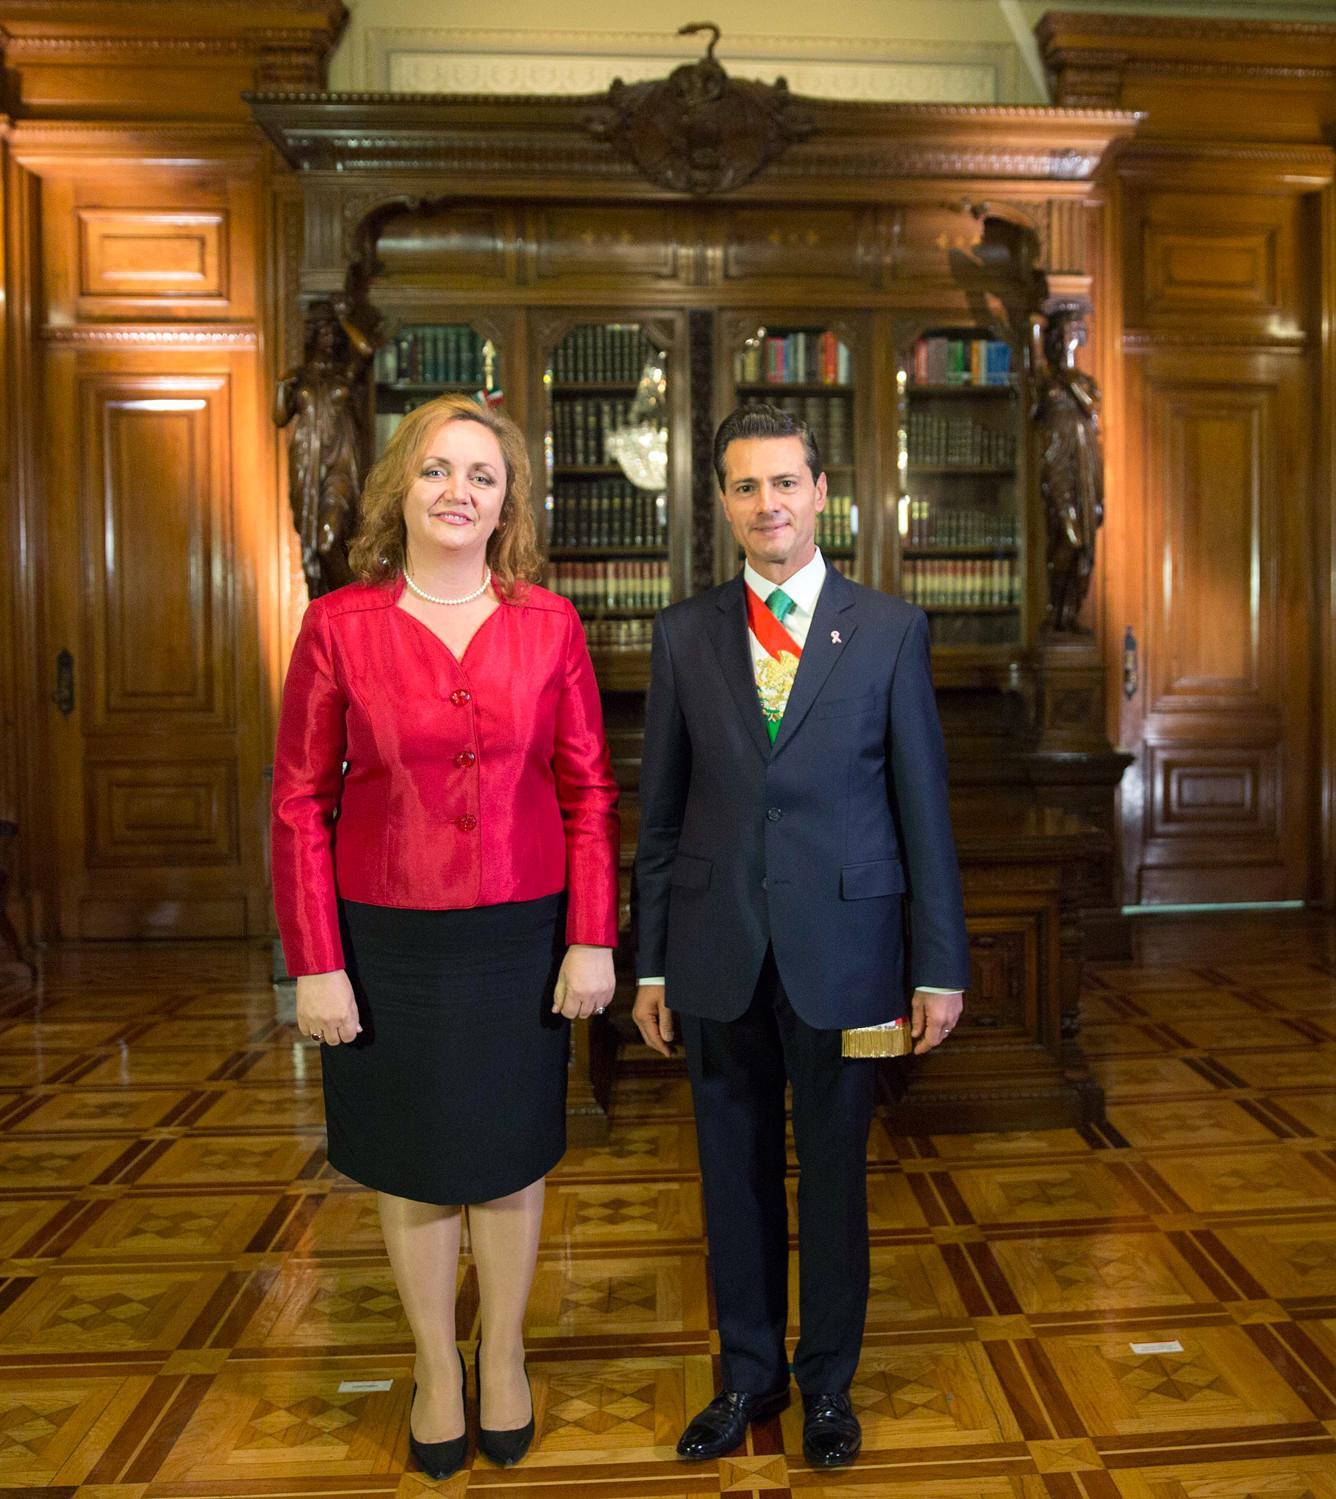 El Primer Mandatario con la señora Floreta Faber, Embajadora de la República de Albania.